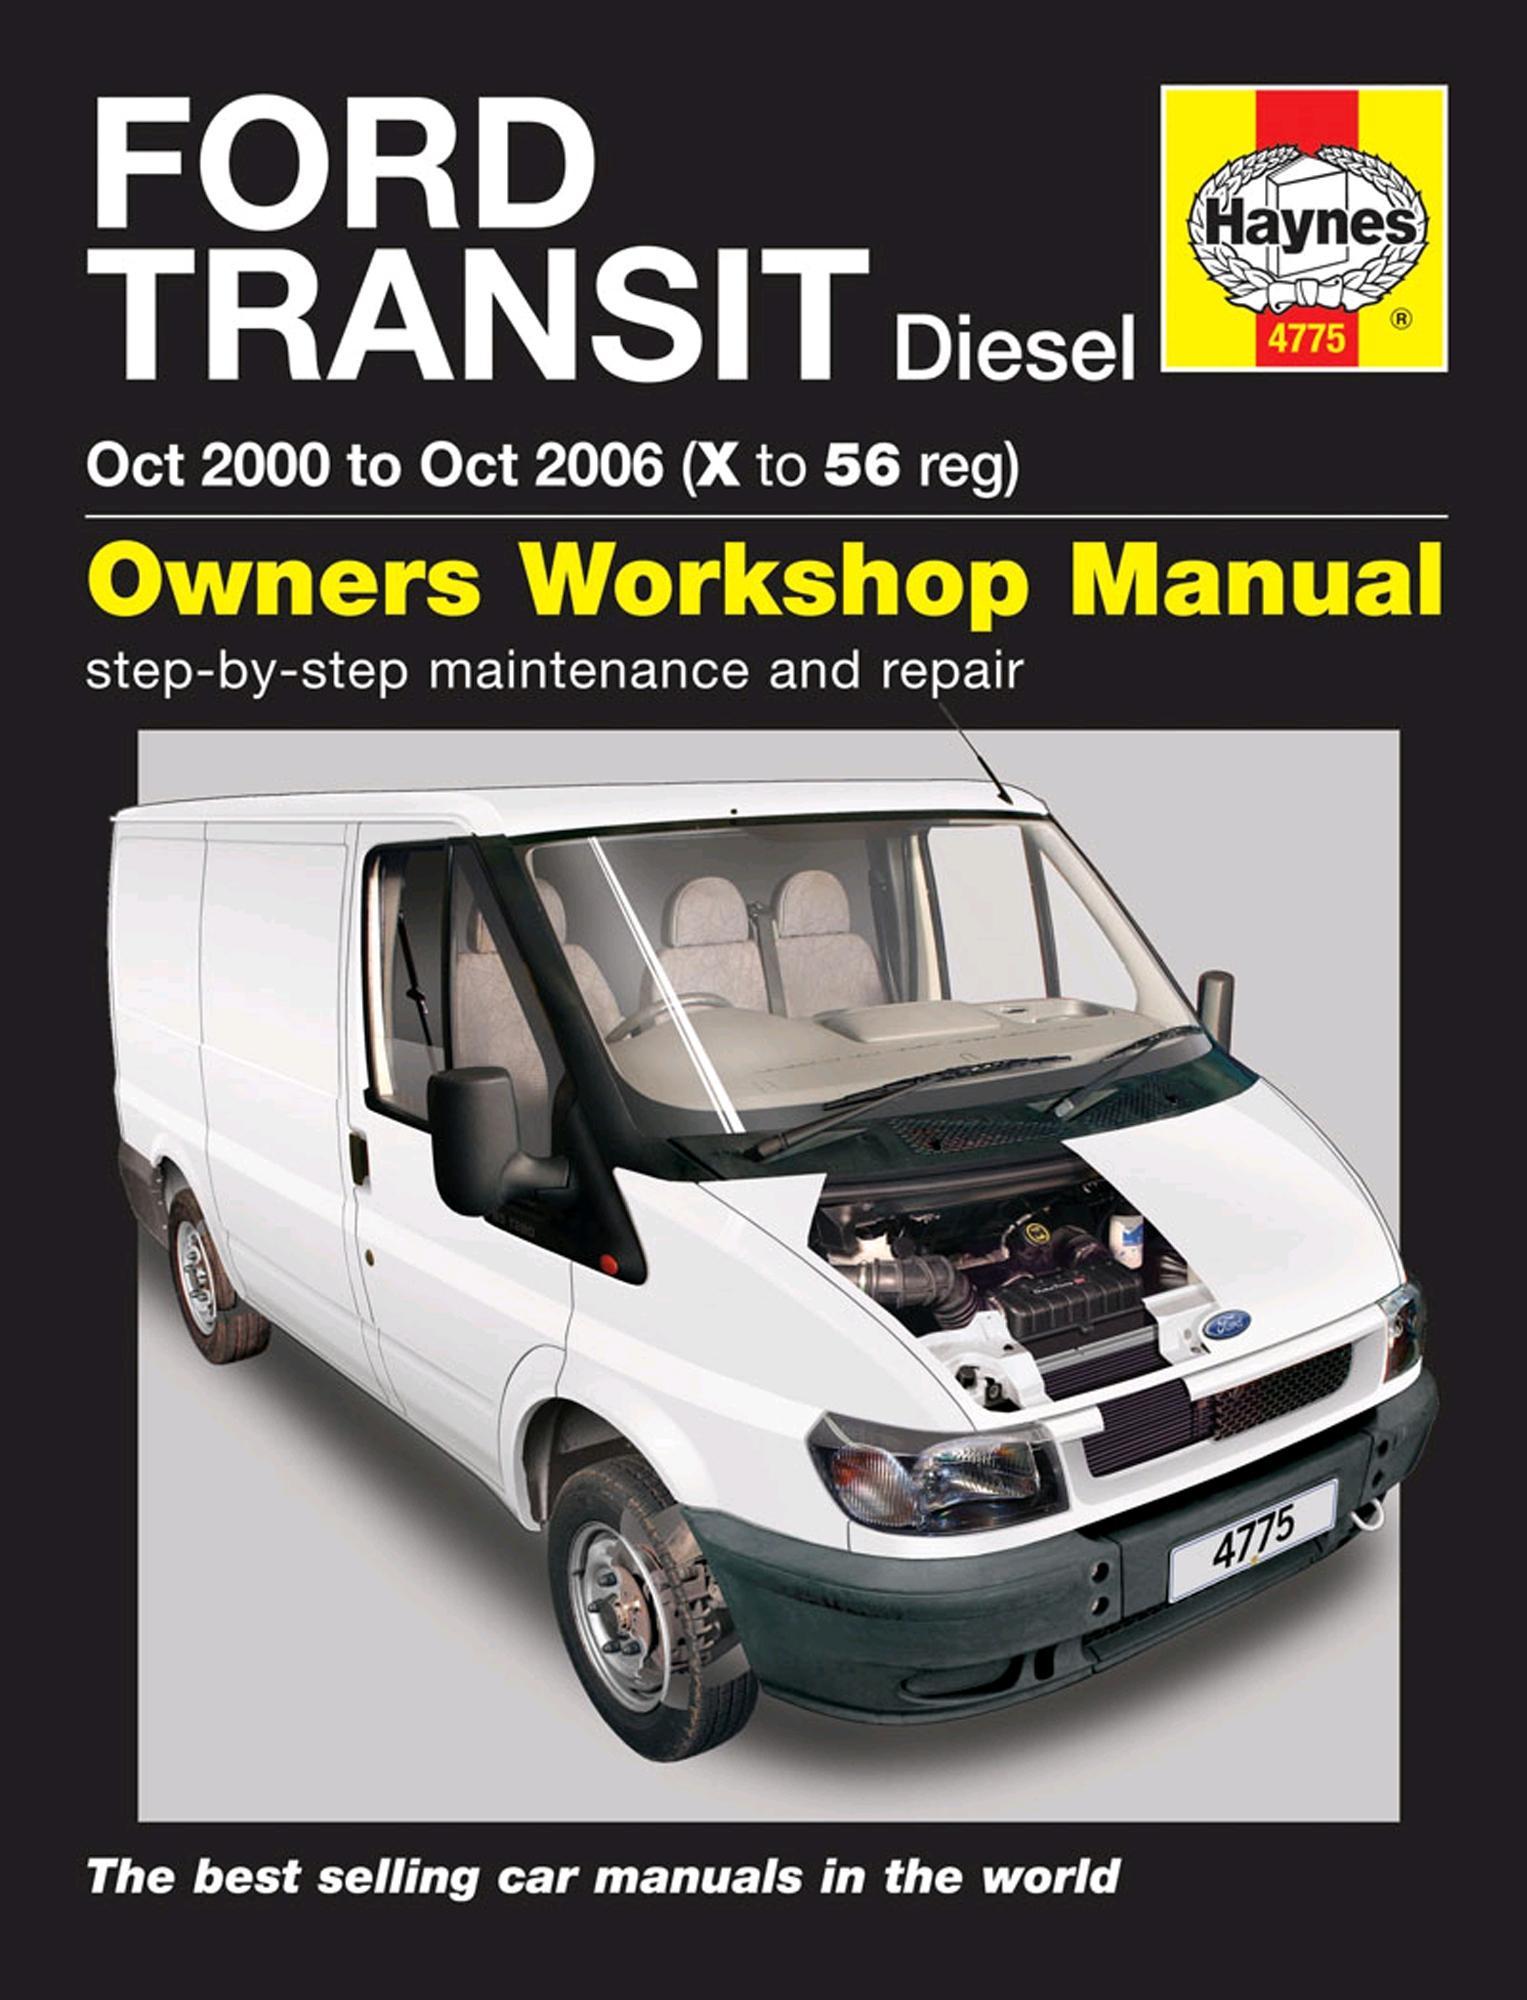 Haynes Owners Workshop Manual Ford Transit 2000-2006 Diesel Maintenance  Repair